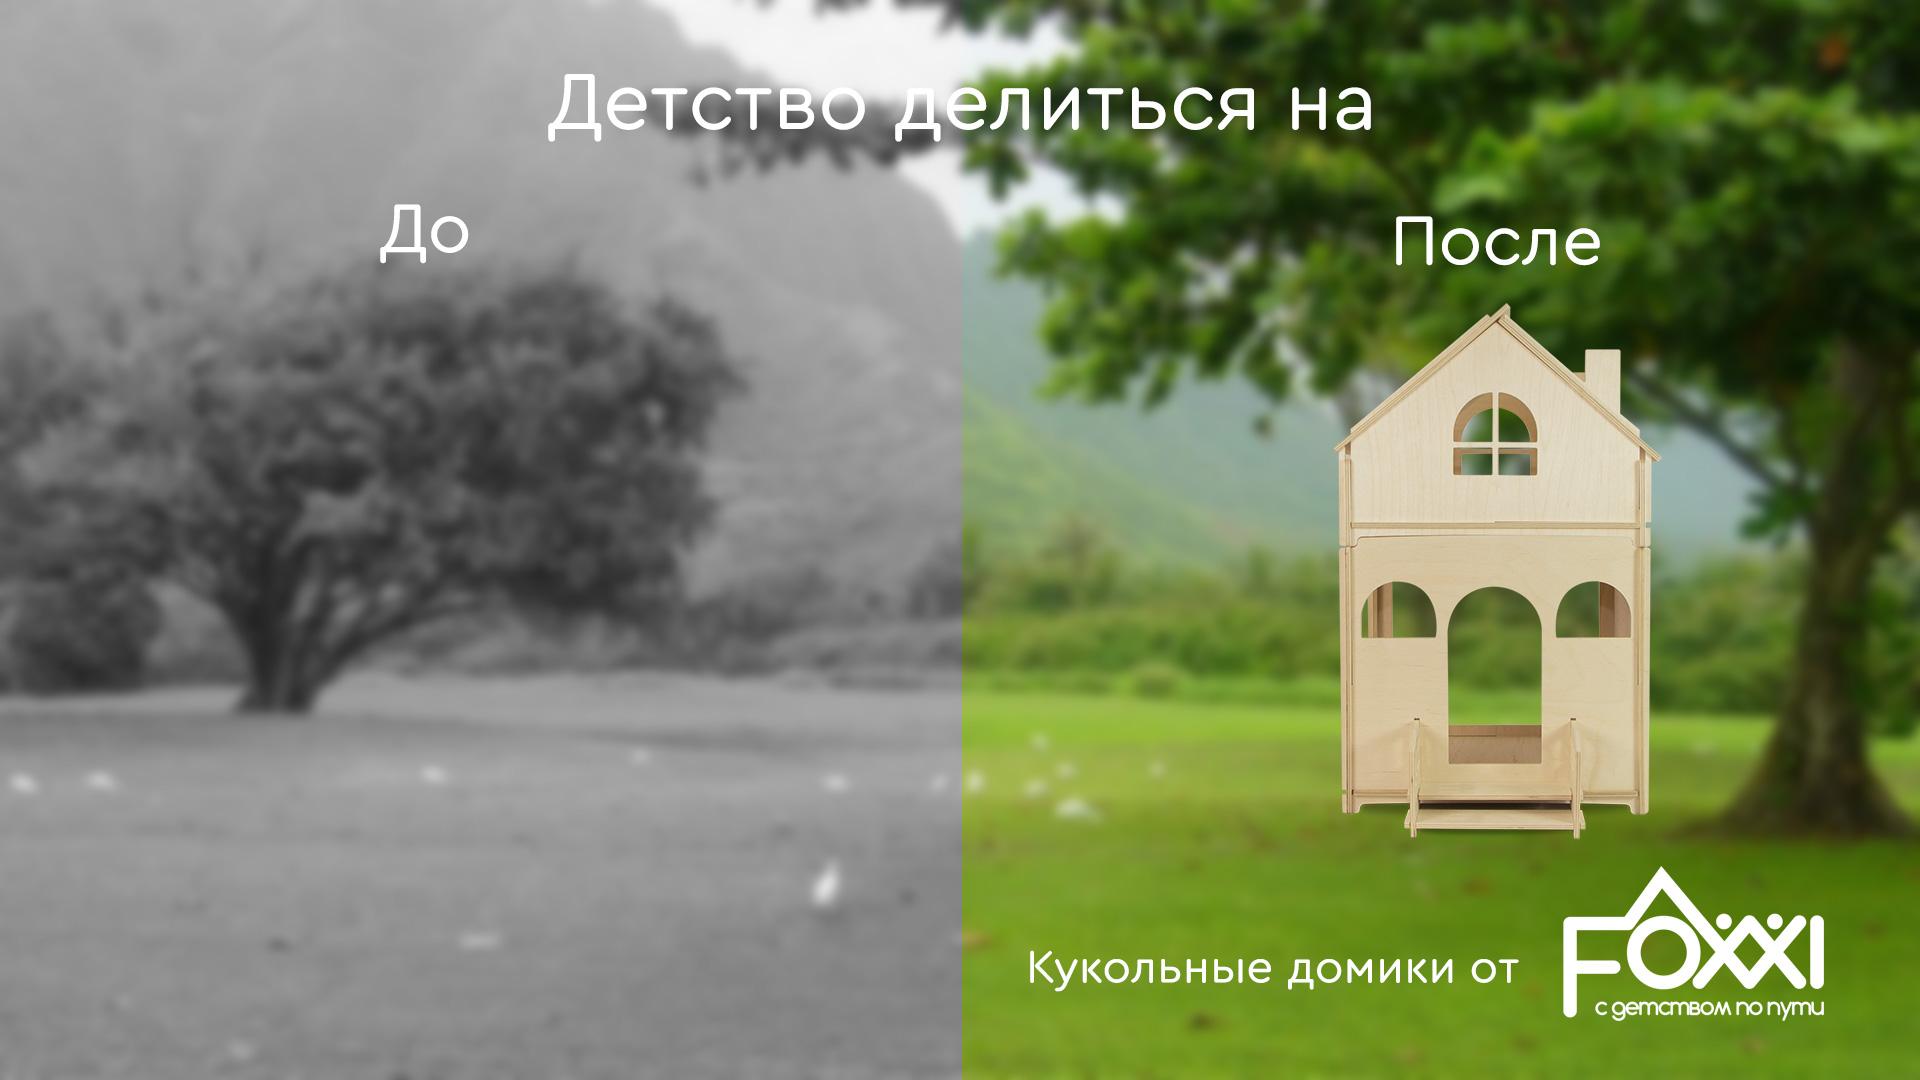 Творческая идея рекламной кампании